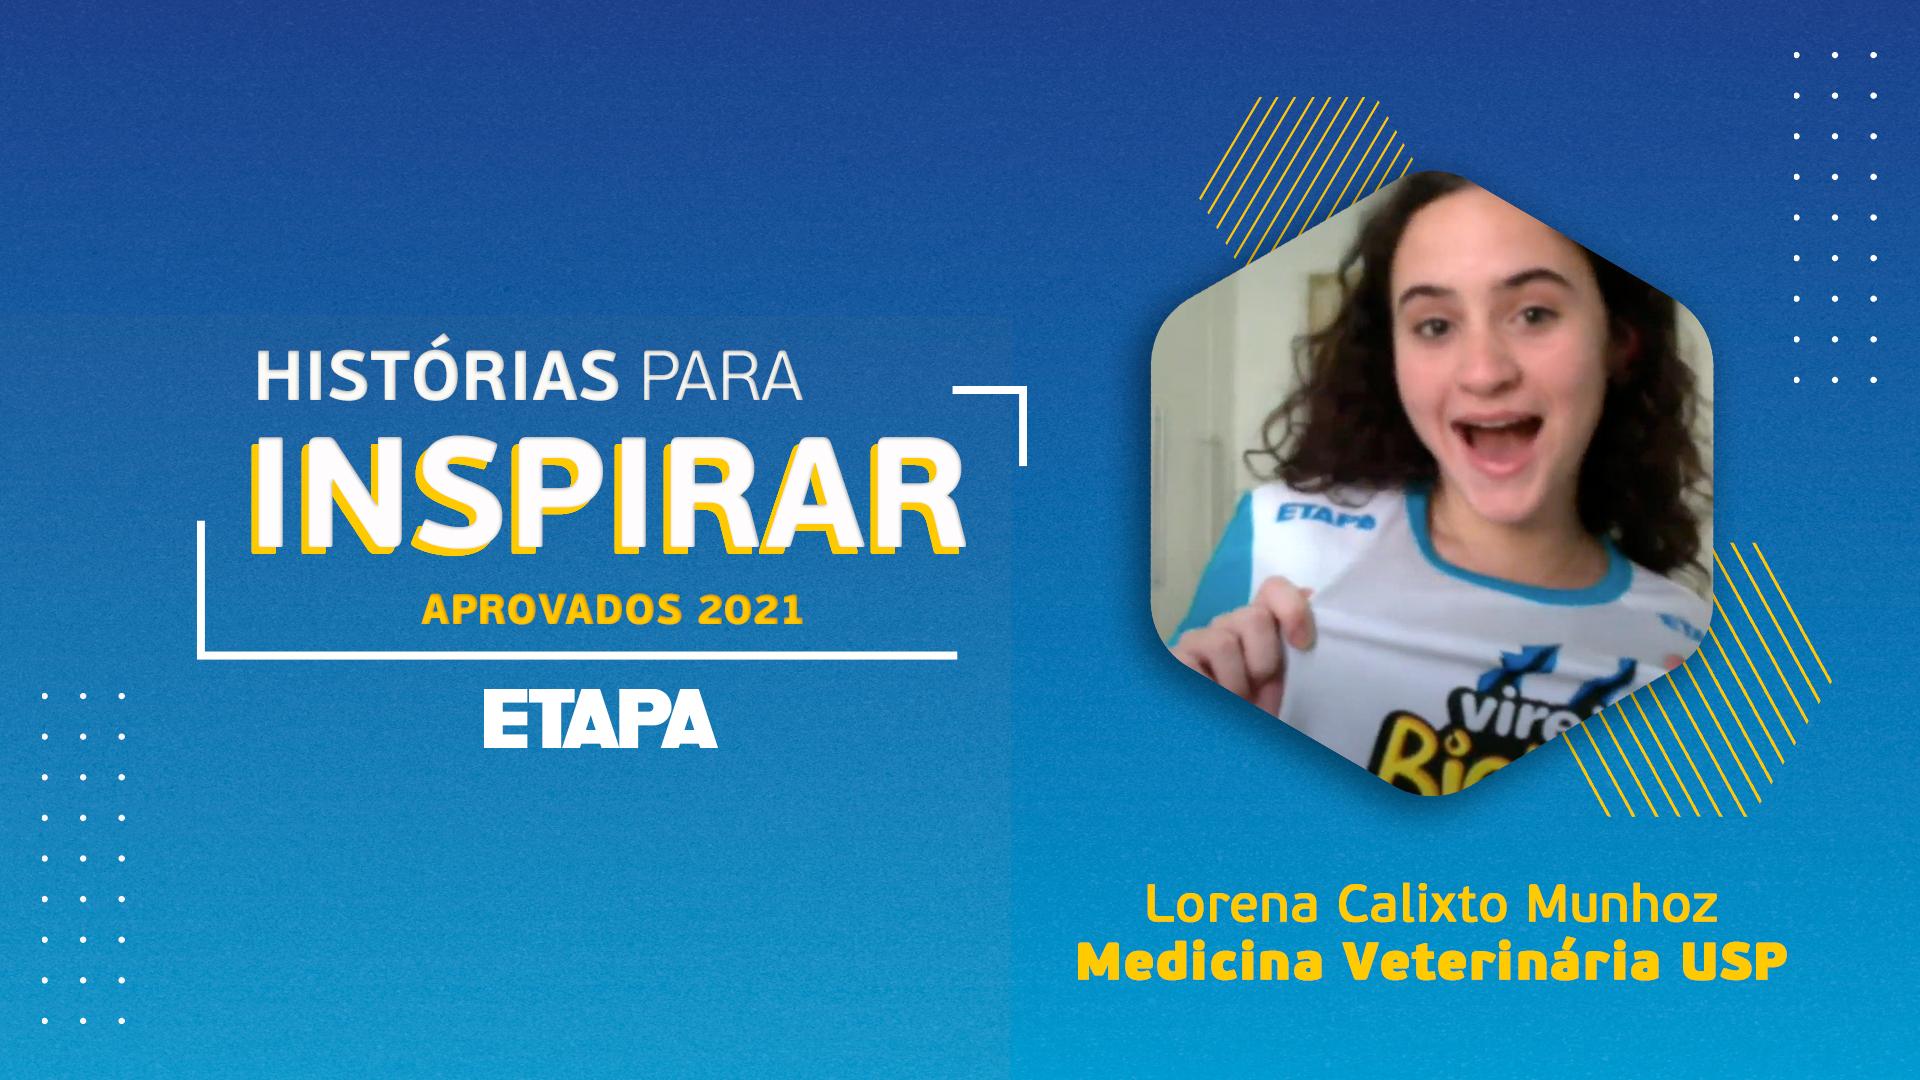 Histórias para inspirar: Lorena Calixto Munhoz